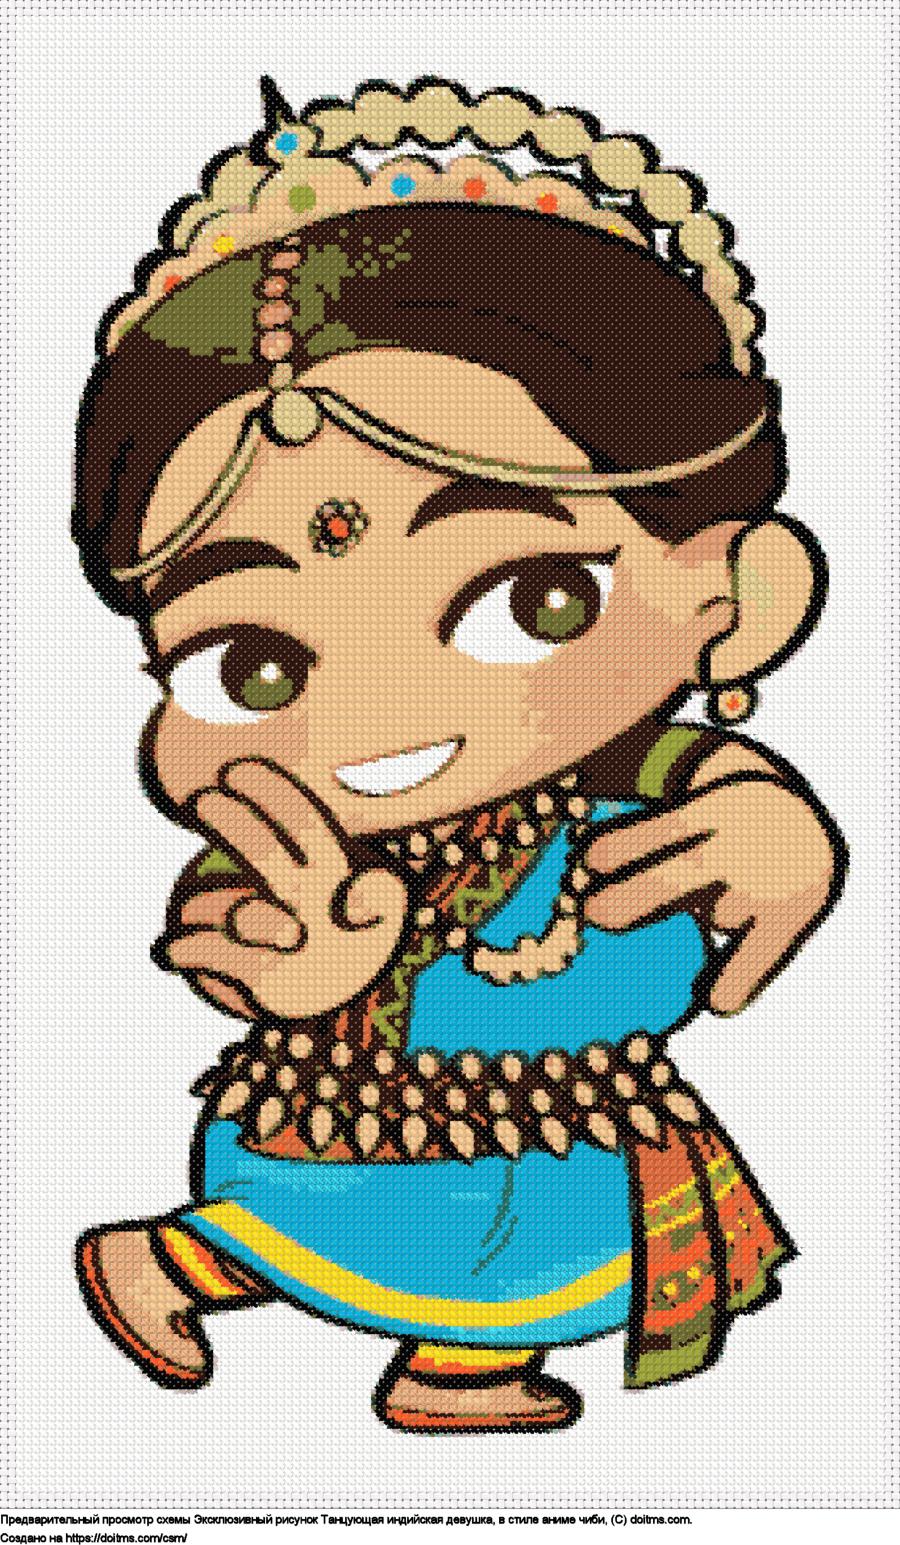 Чиби индийская танцовщица